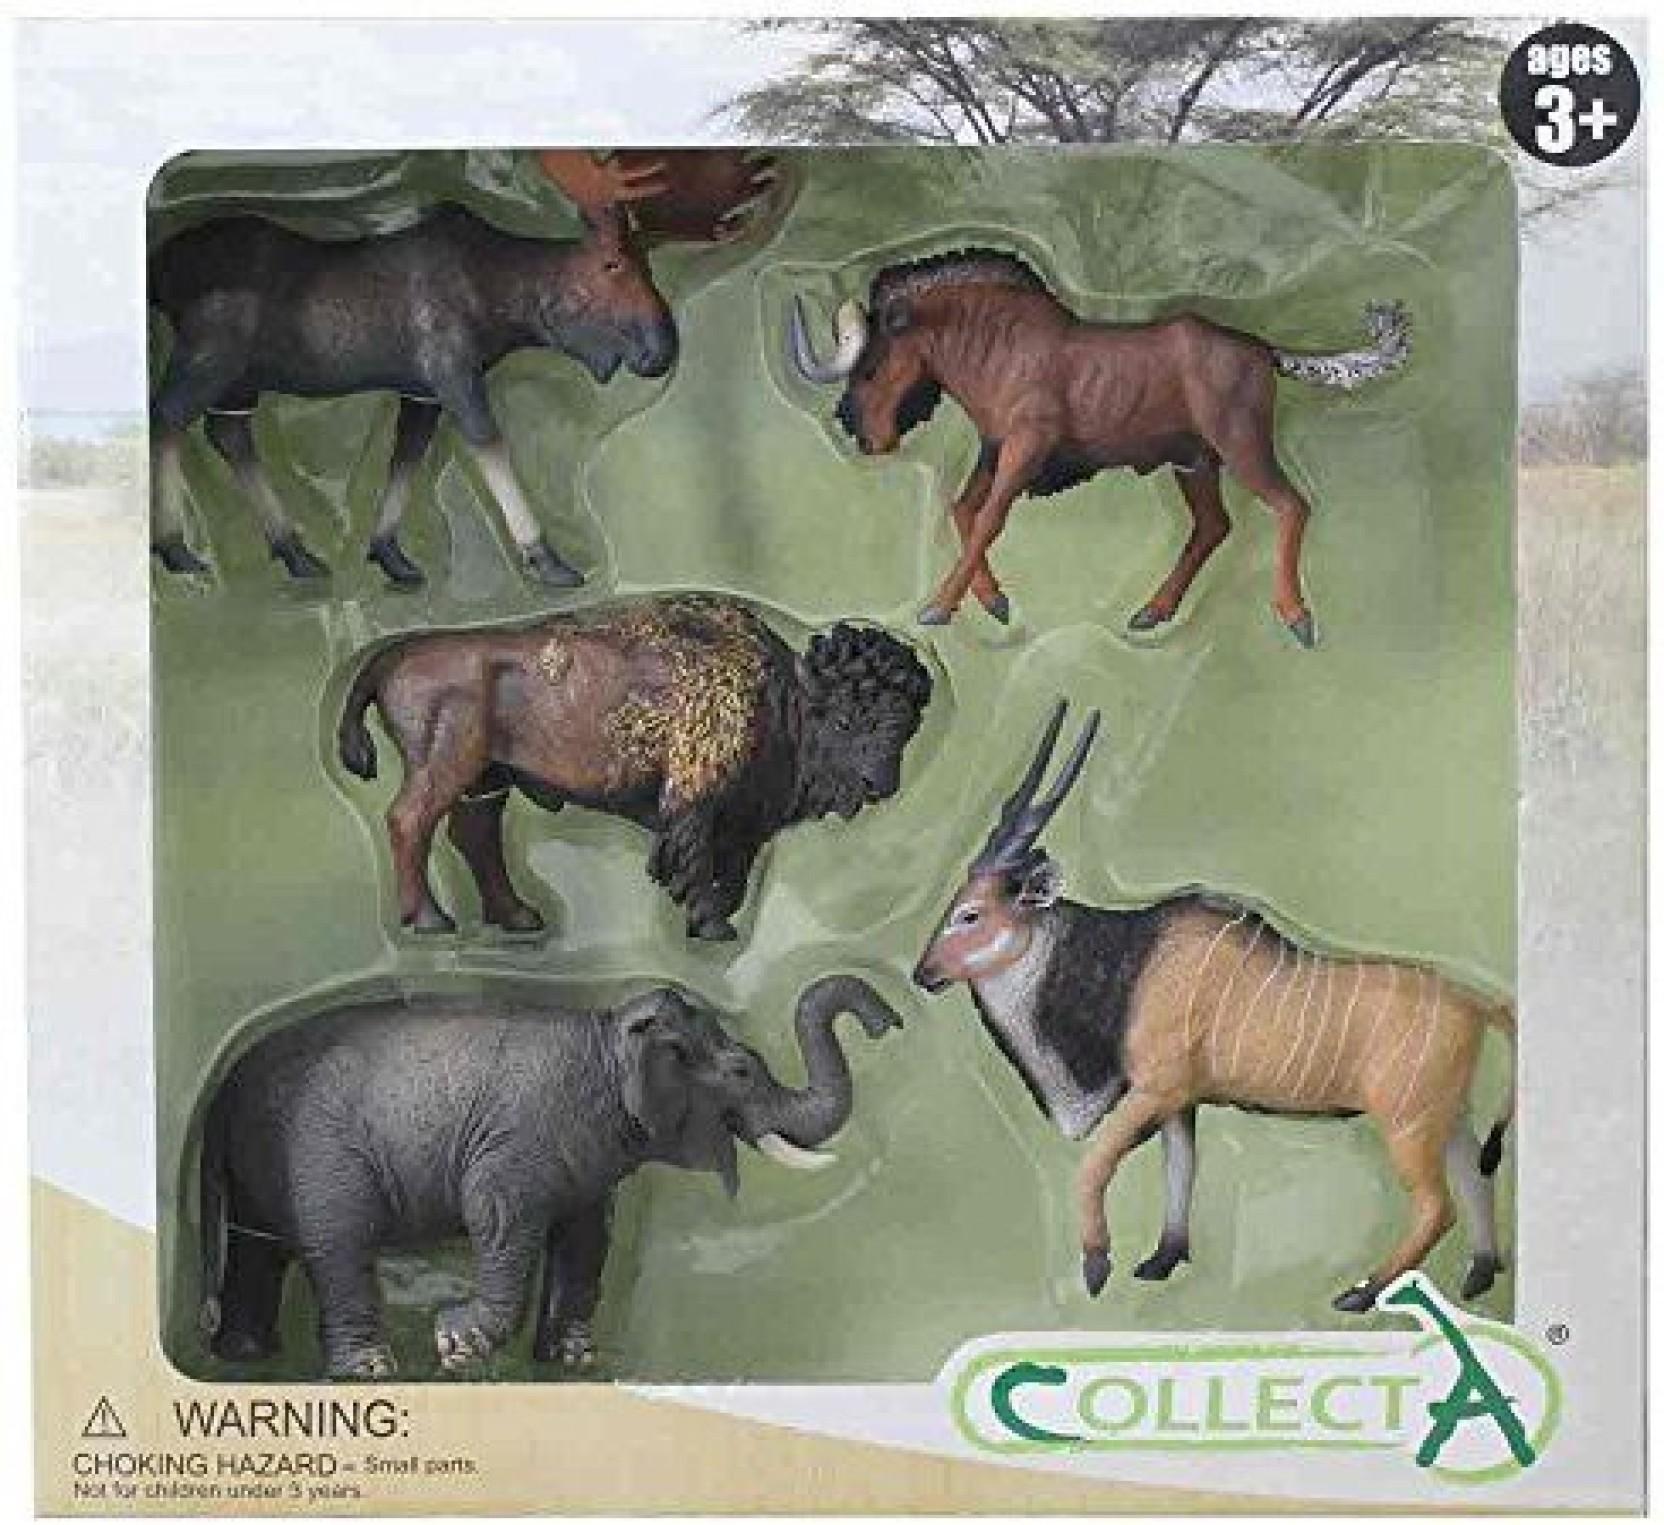 CollectA Black wildebeest